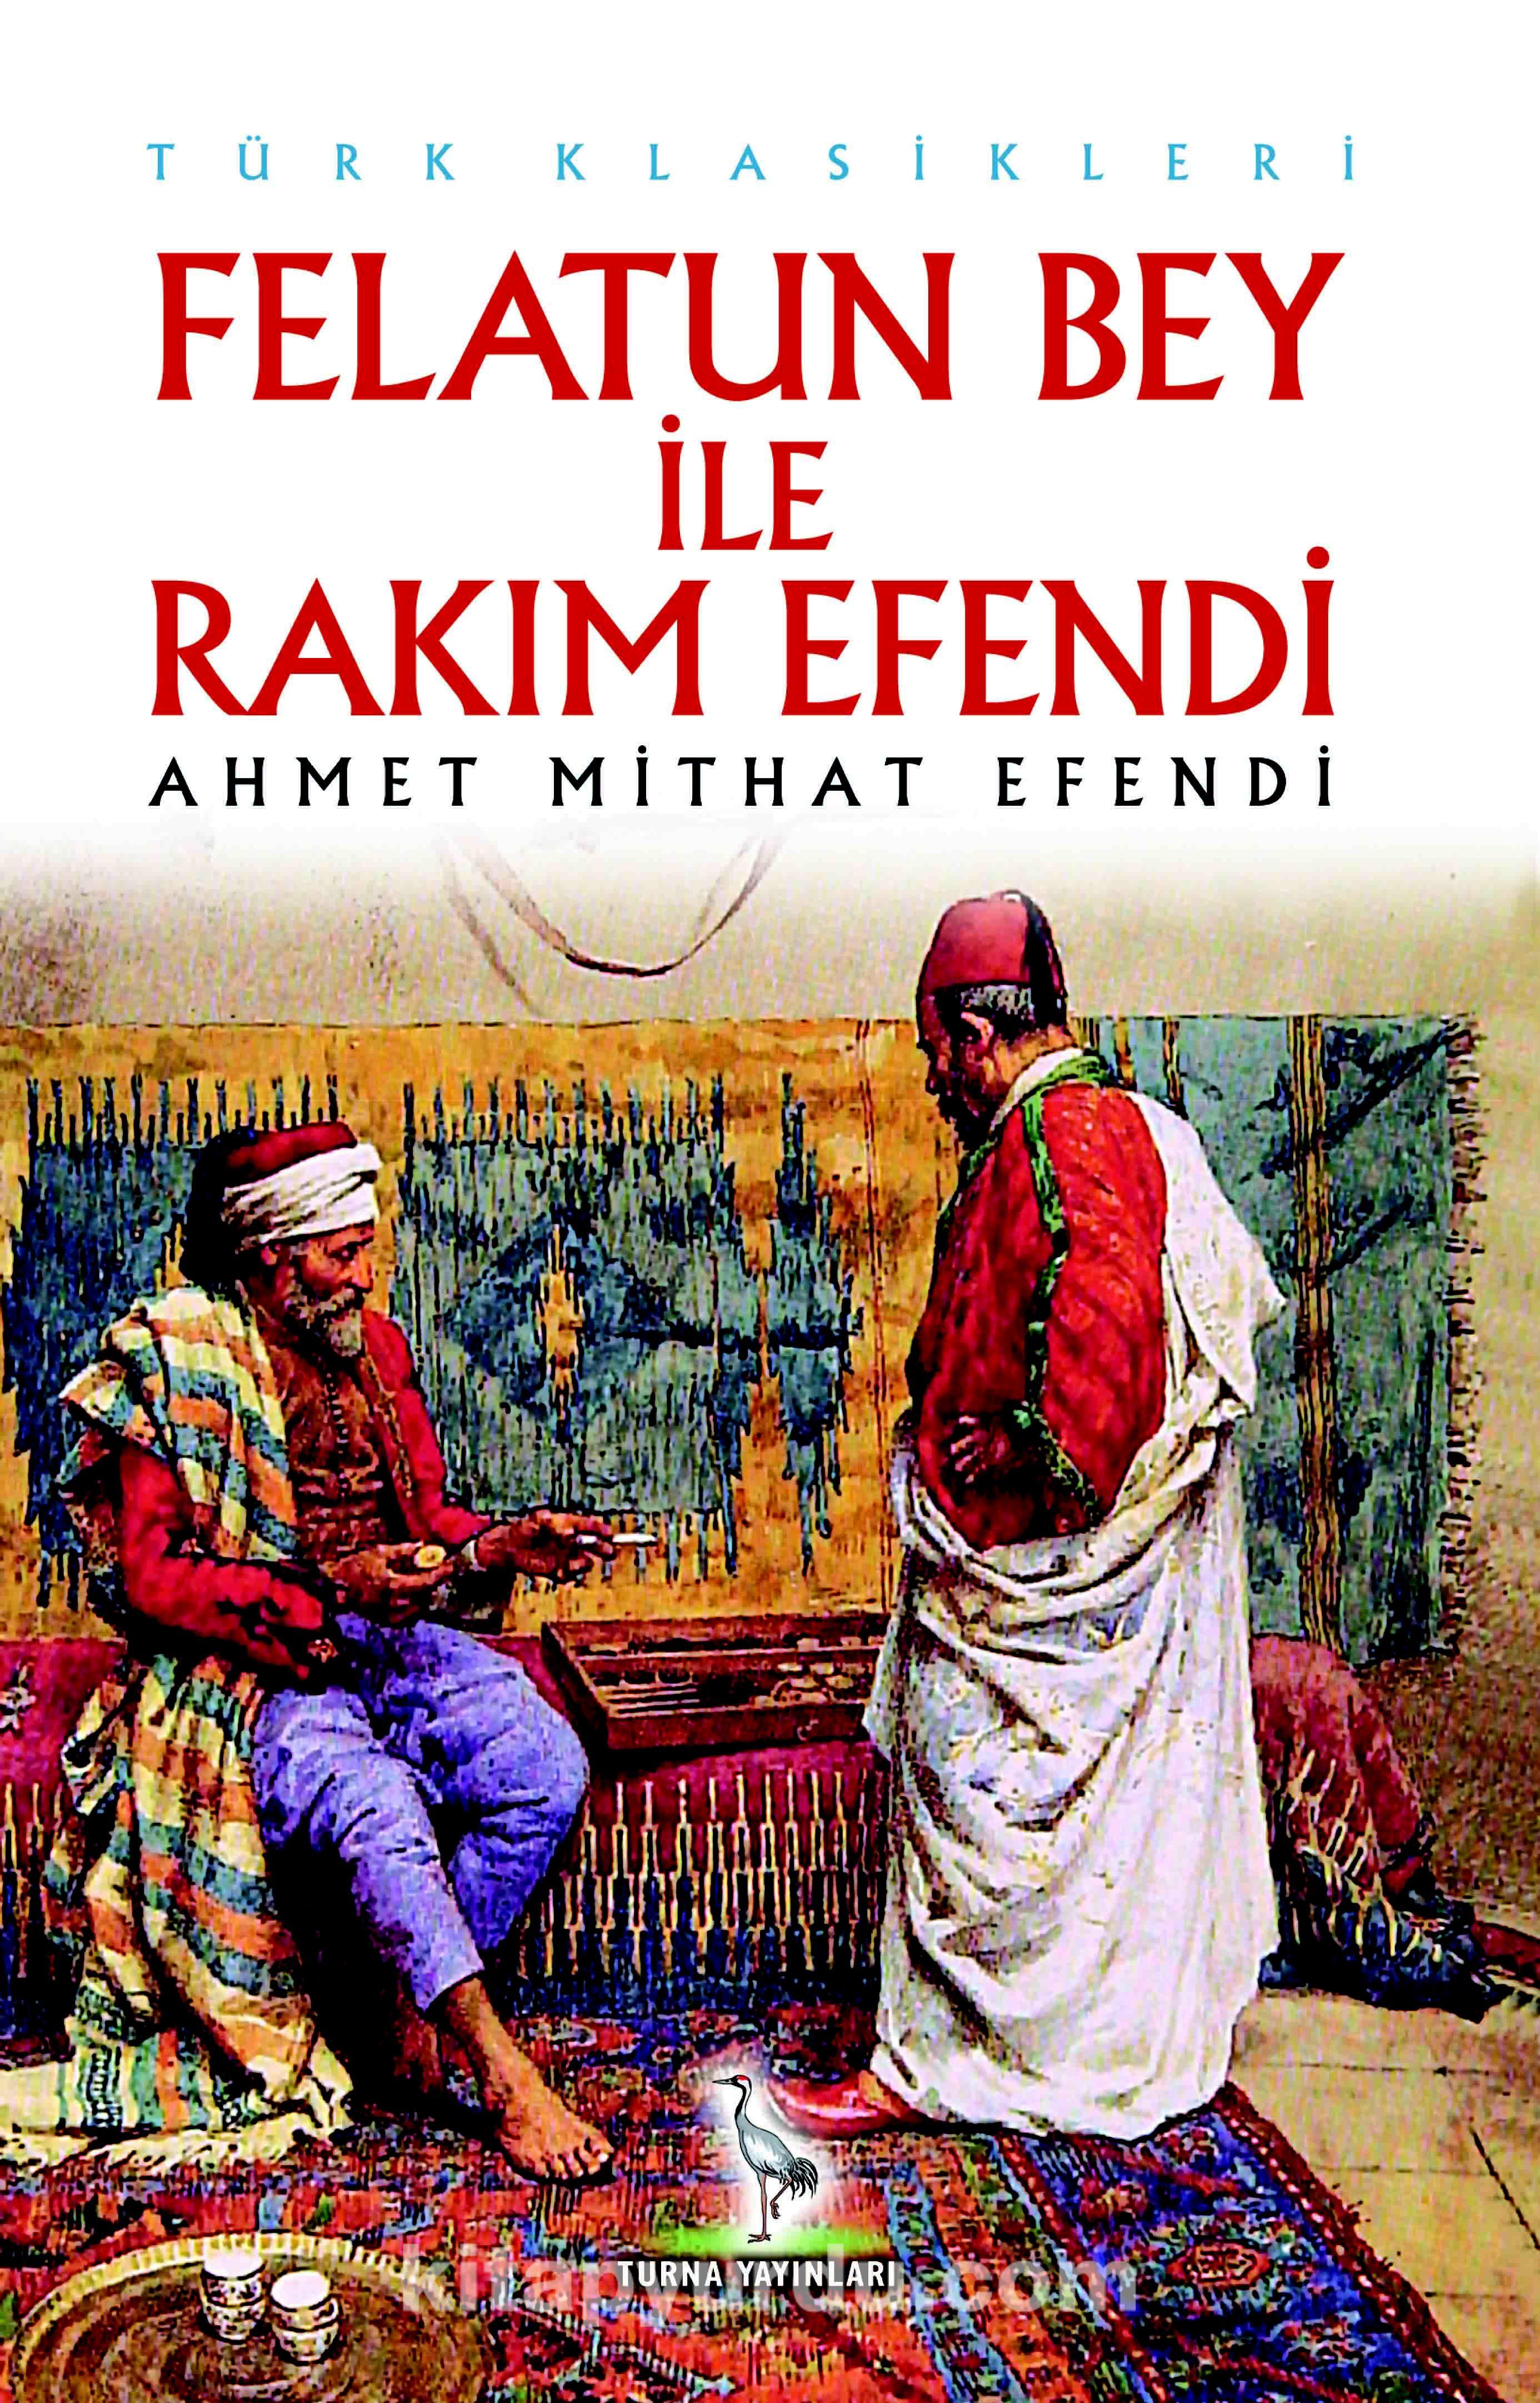 Felatun Bey ile Rakım Efendi - Ahmet Mithat Efendi pdf epub